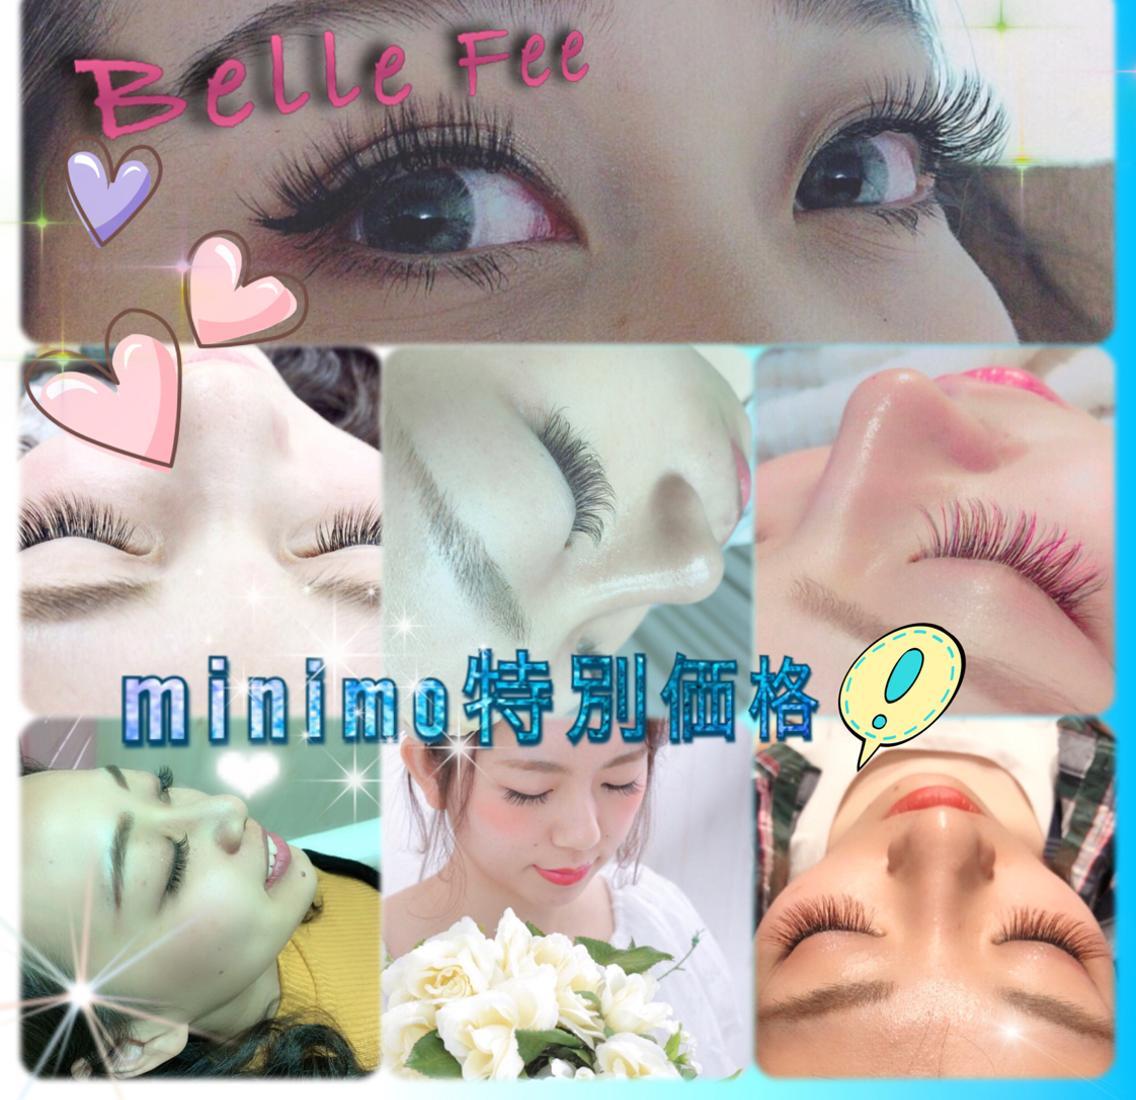 Belle Fee  (TRUTH)五香店所属・酒巻理奈の掲載